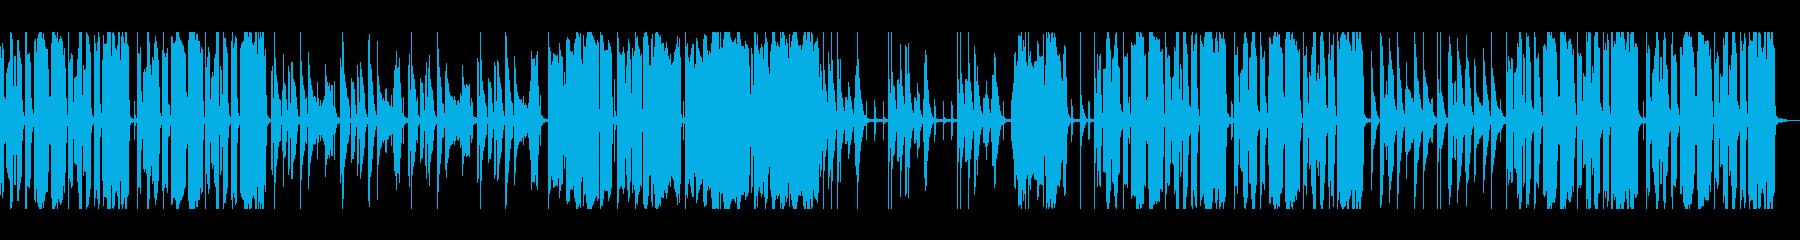 コミカルで怪しい・ハロウィン関連動画にの再生済みの波形